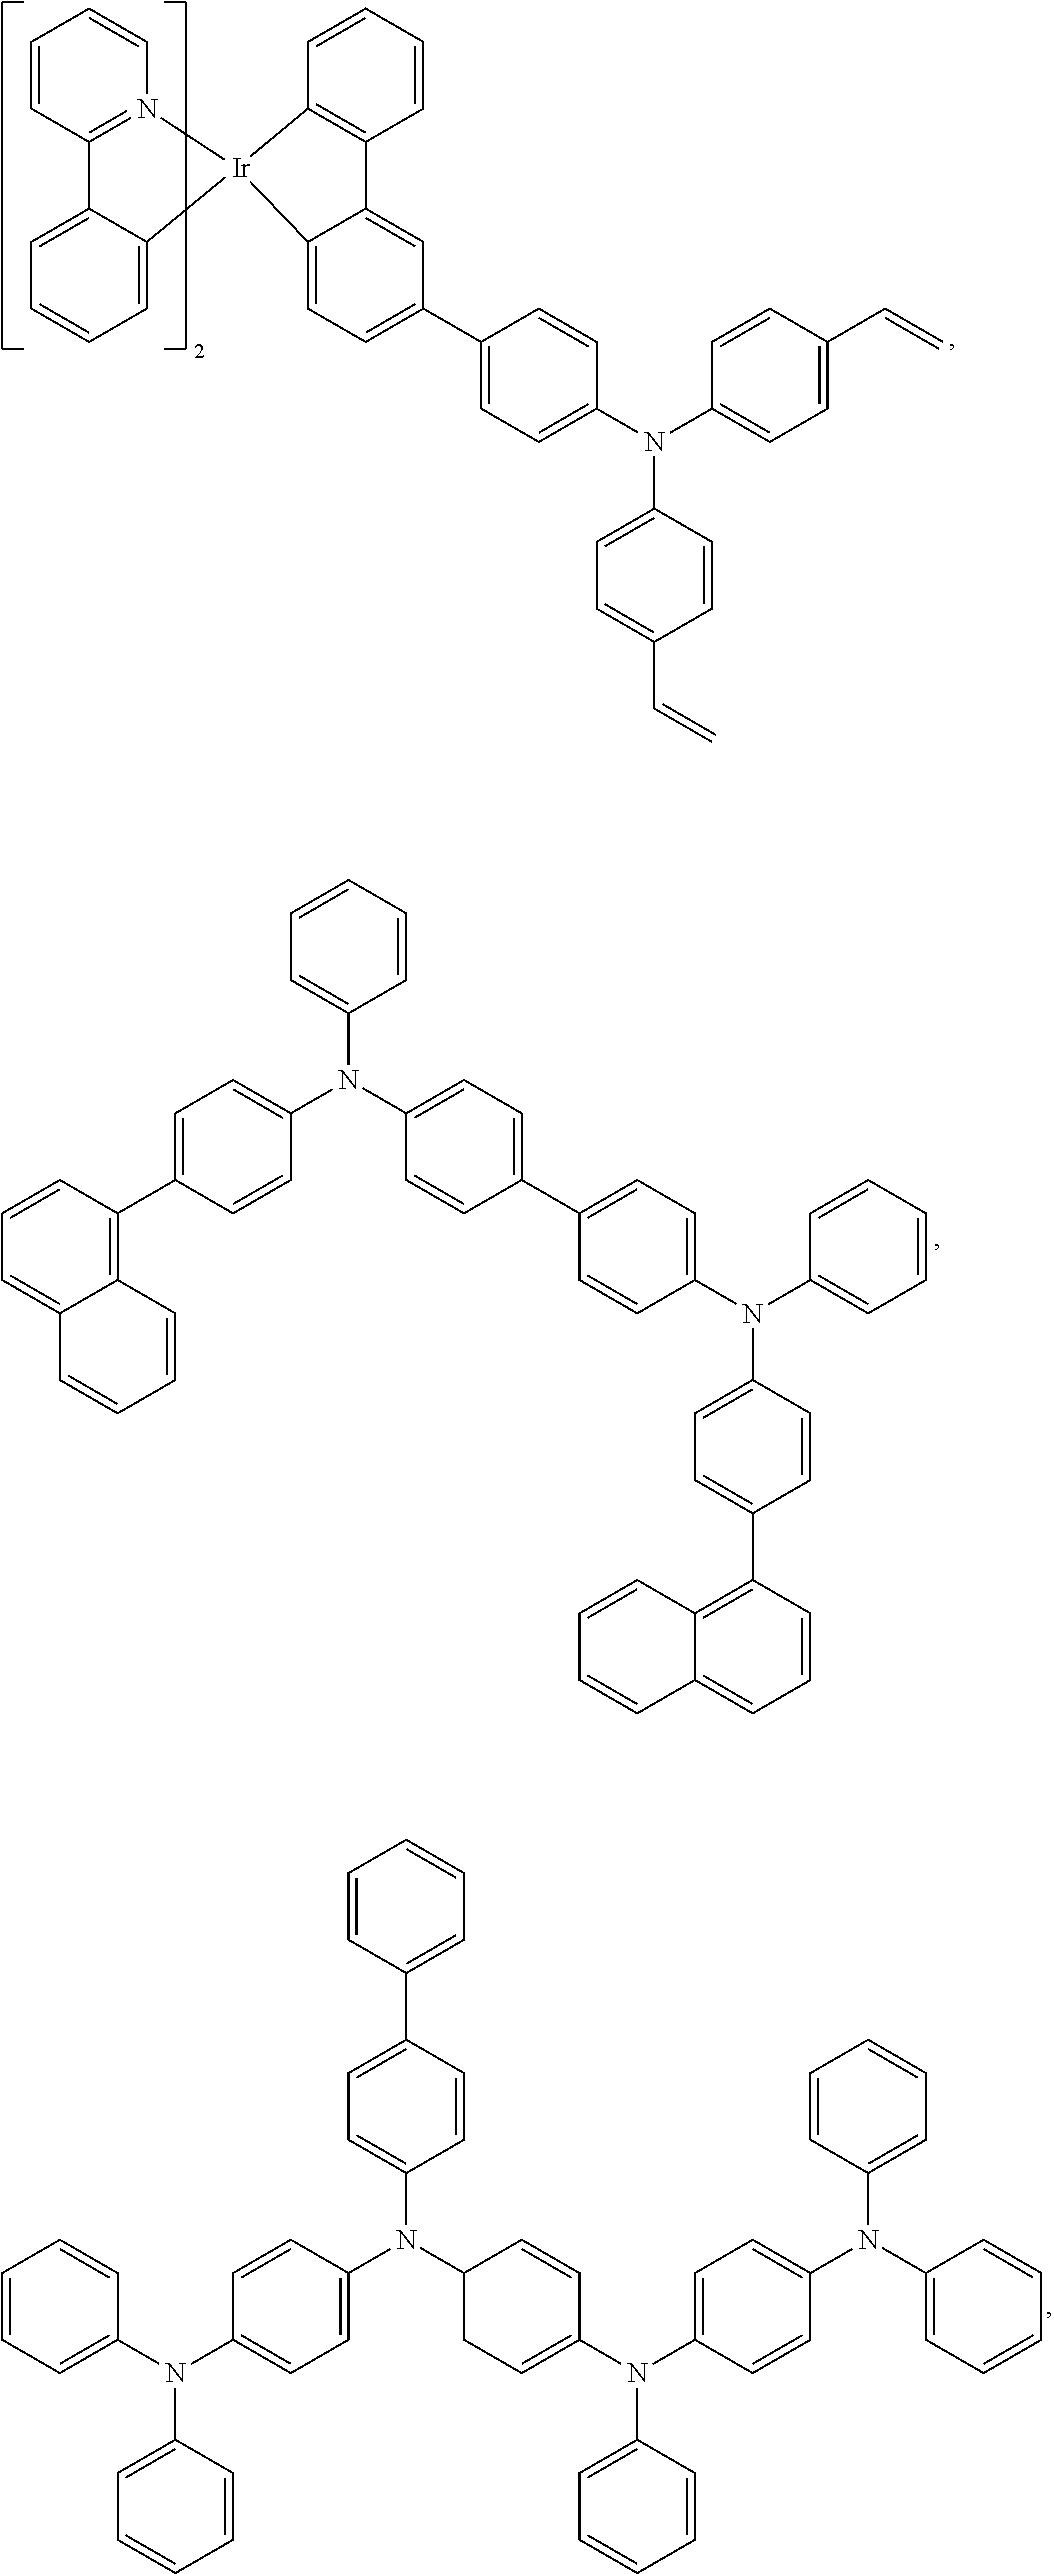 Figure US20180076393A1-20180315-C00069